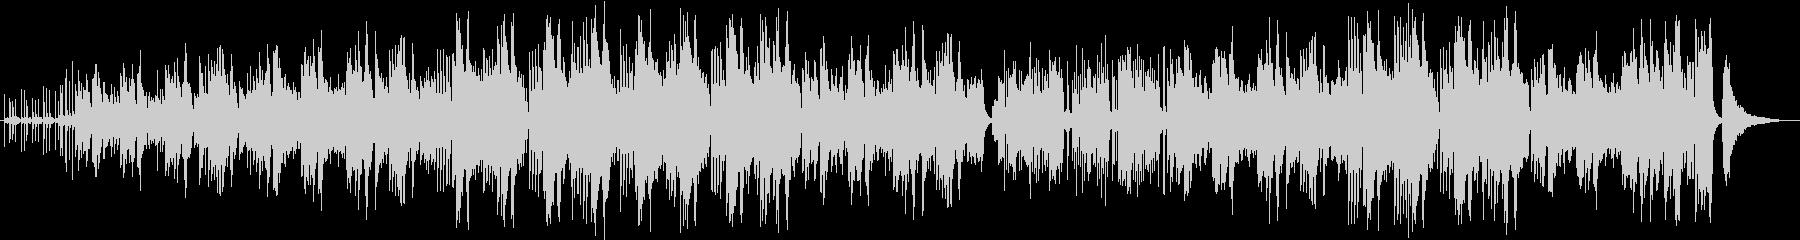 ラテンのリズムでpf、ギターなどがメインの未再生の波形